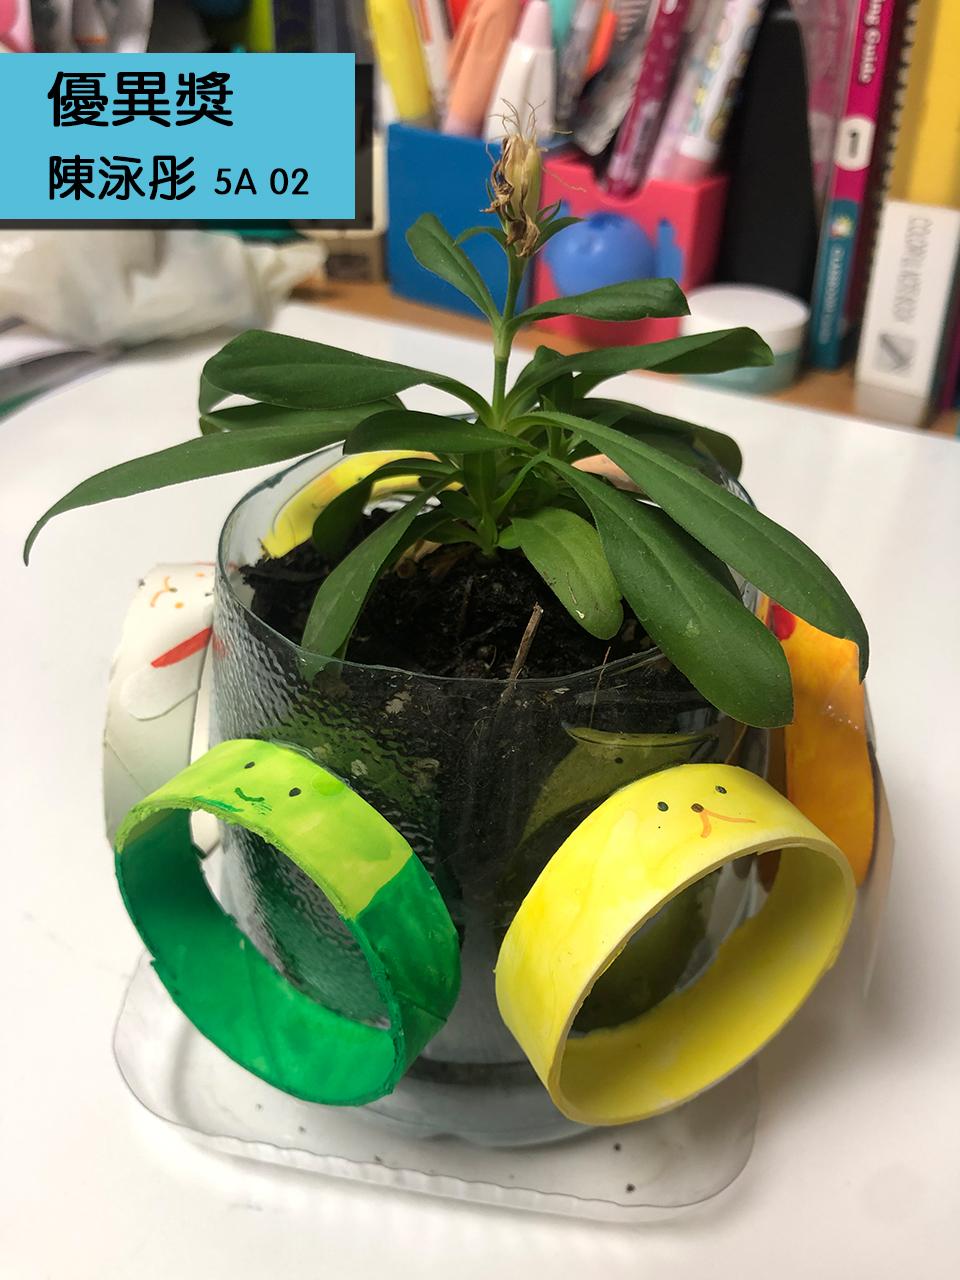 https://plkcjy.edu.hk/sites/default/files/you_yi_jiang_5a_02_chen_yong_tong_.jpg